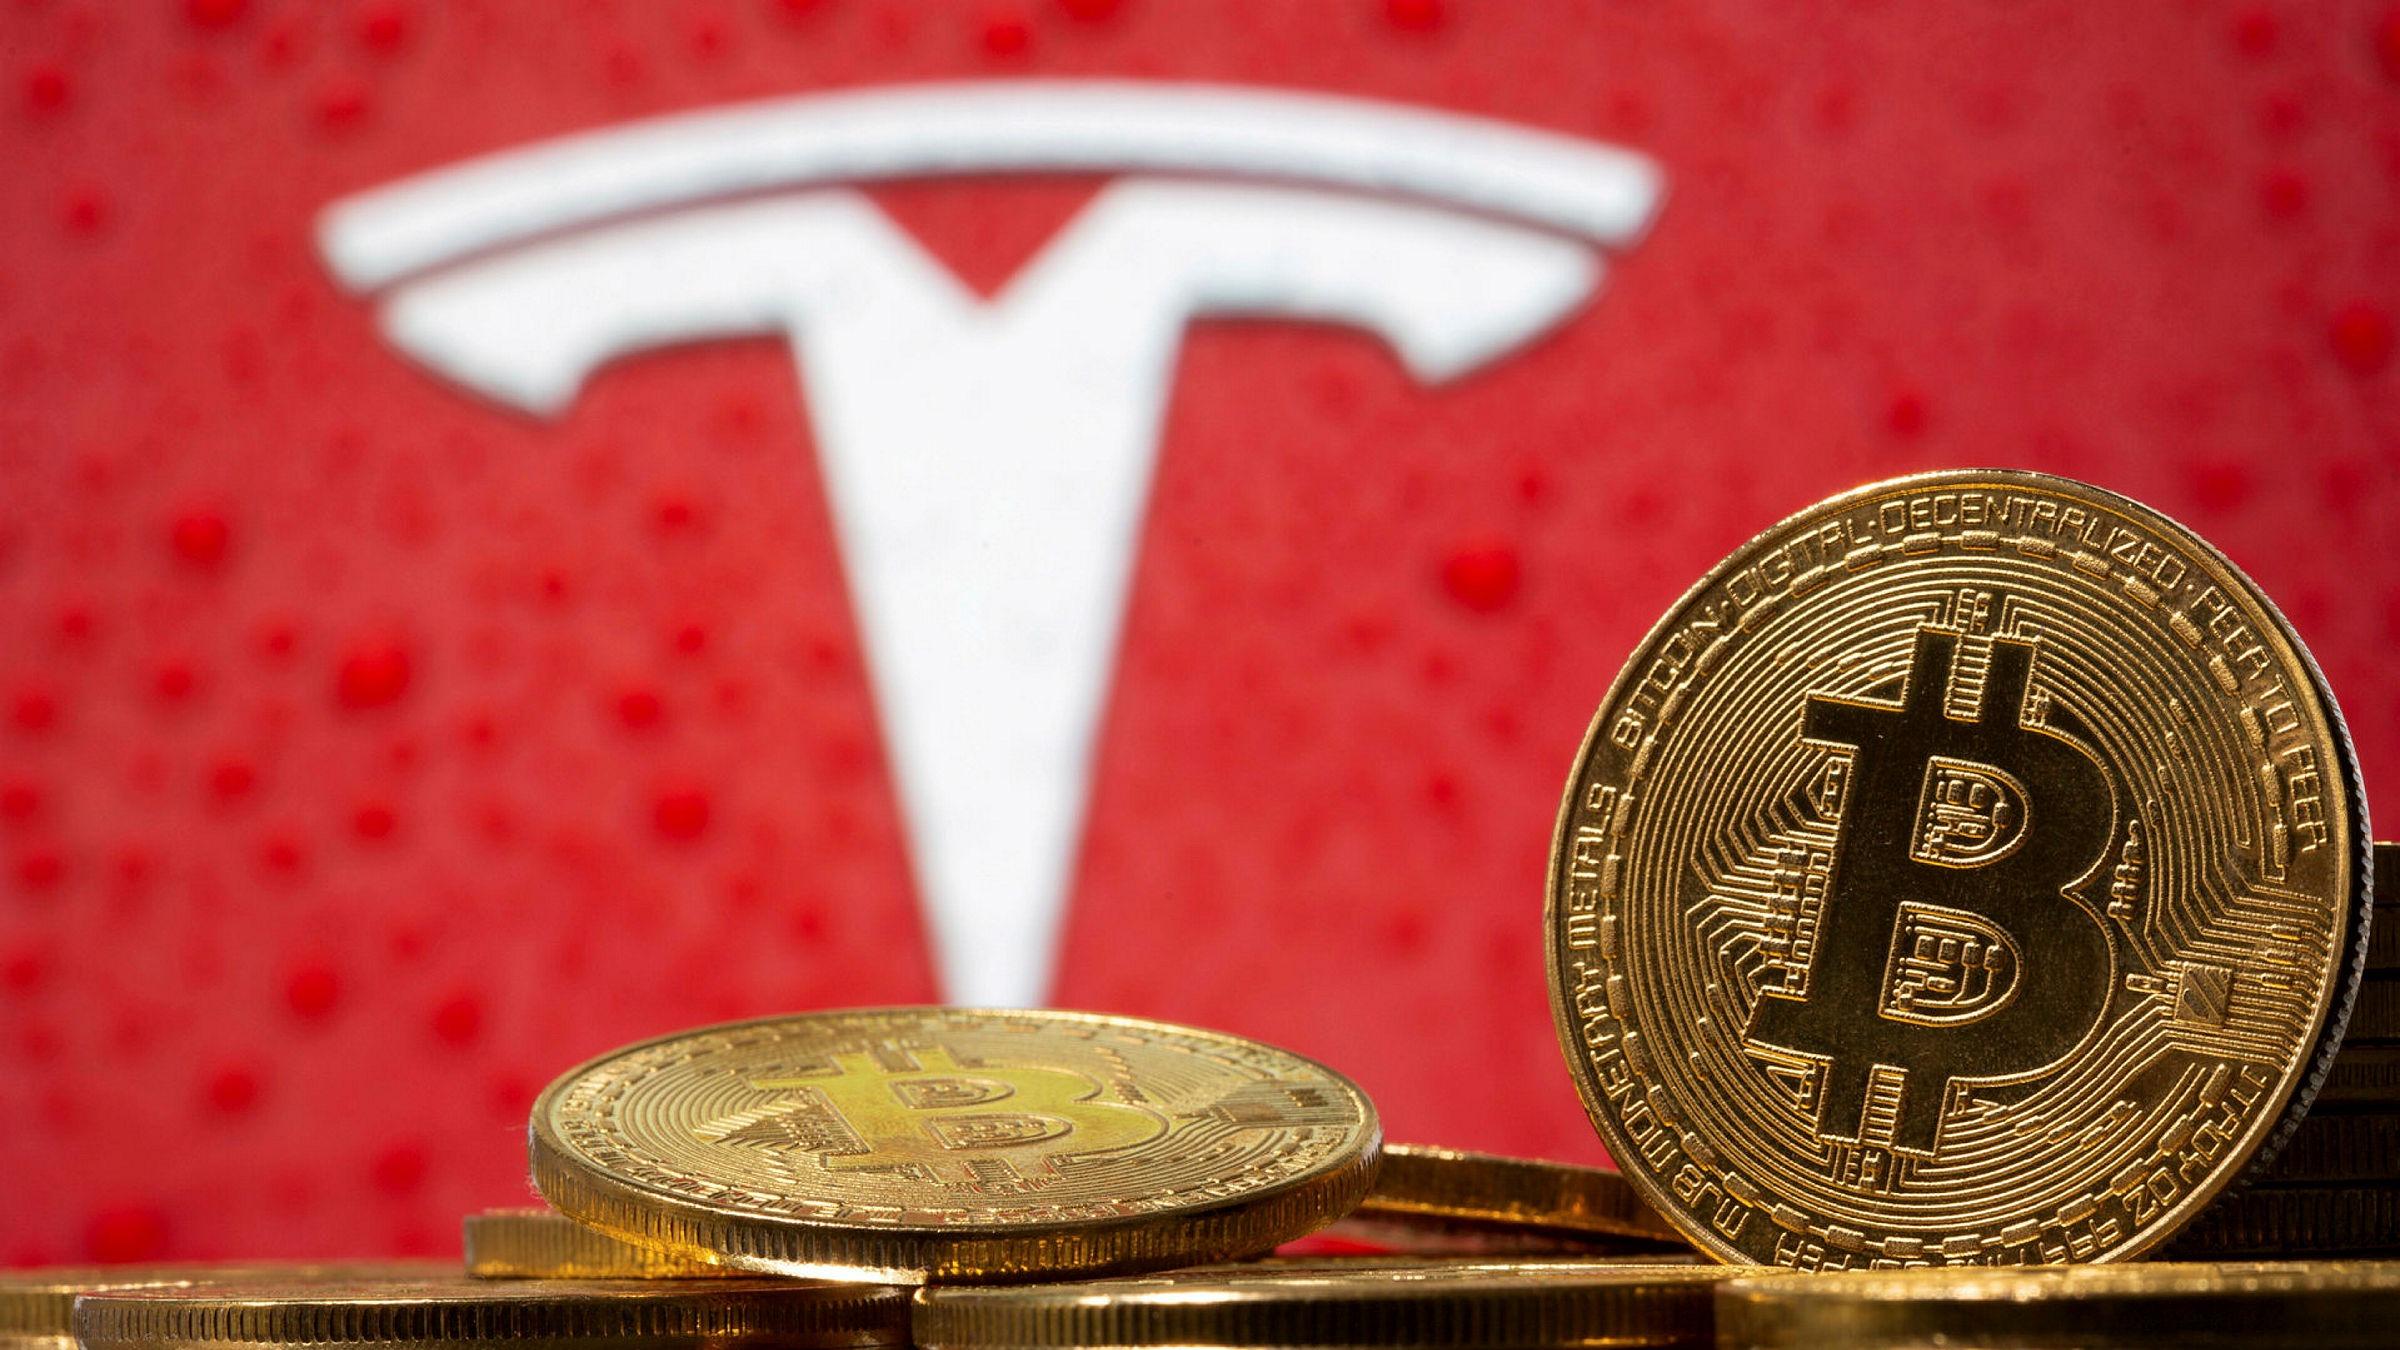 Investeerder zegt dat Bitcoin Bull Run niet zomaar van start gaat, de run-up bevindt zich in de 'Top of the 7th Inning'